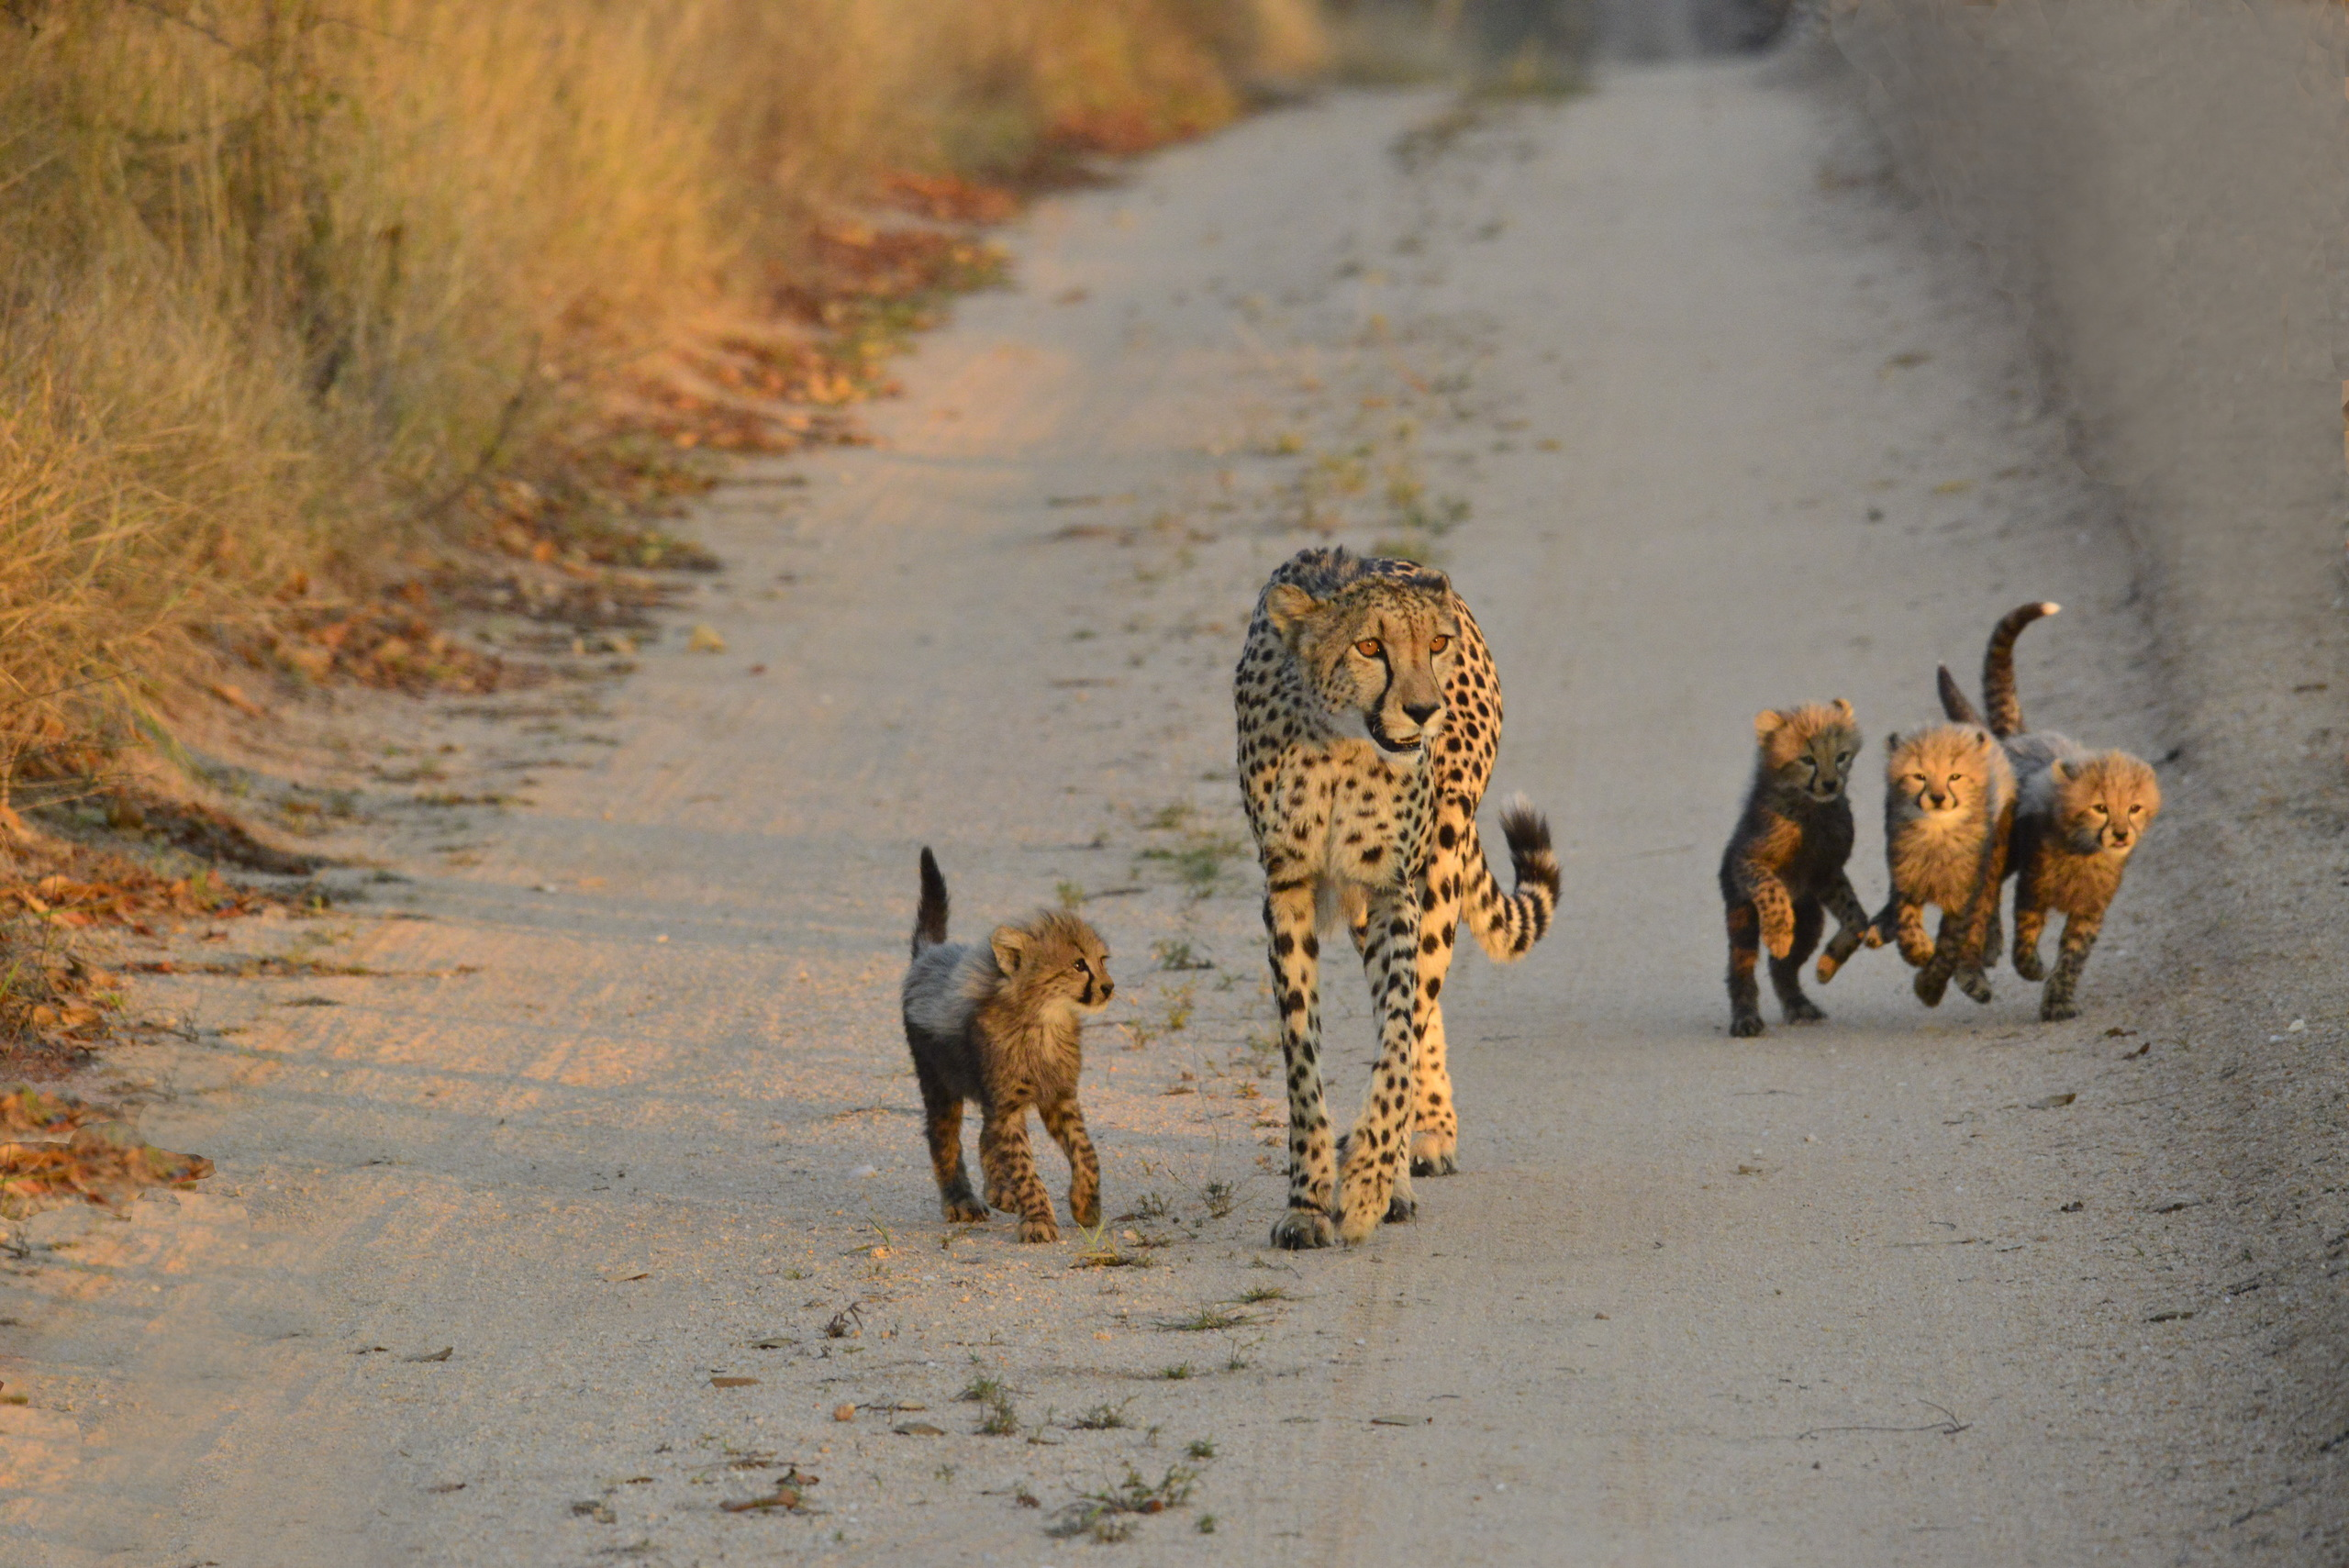 Total afslapning og skøn safari i Makutsi i Sydafrika